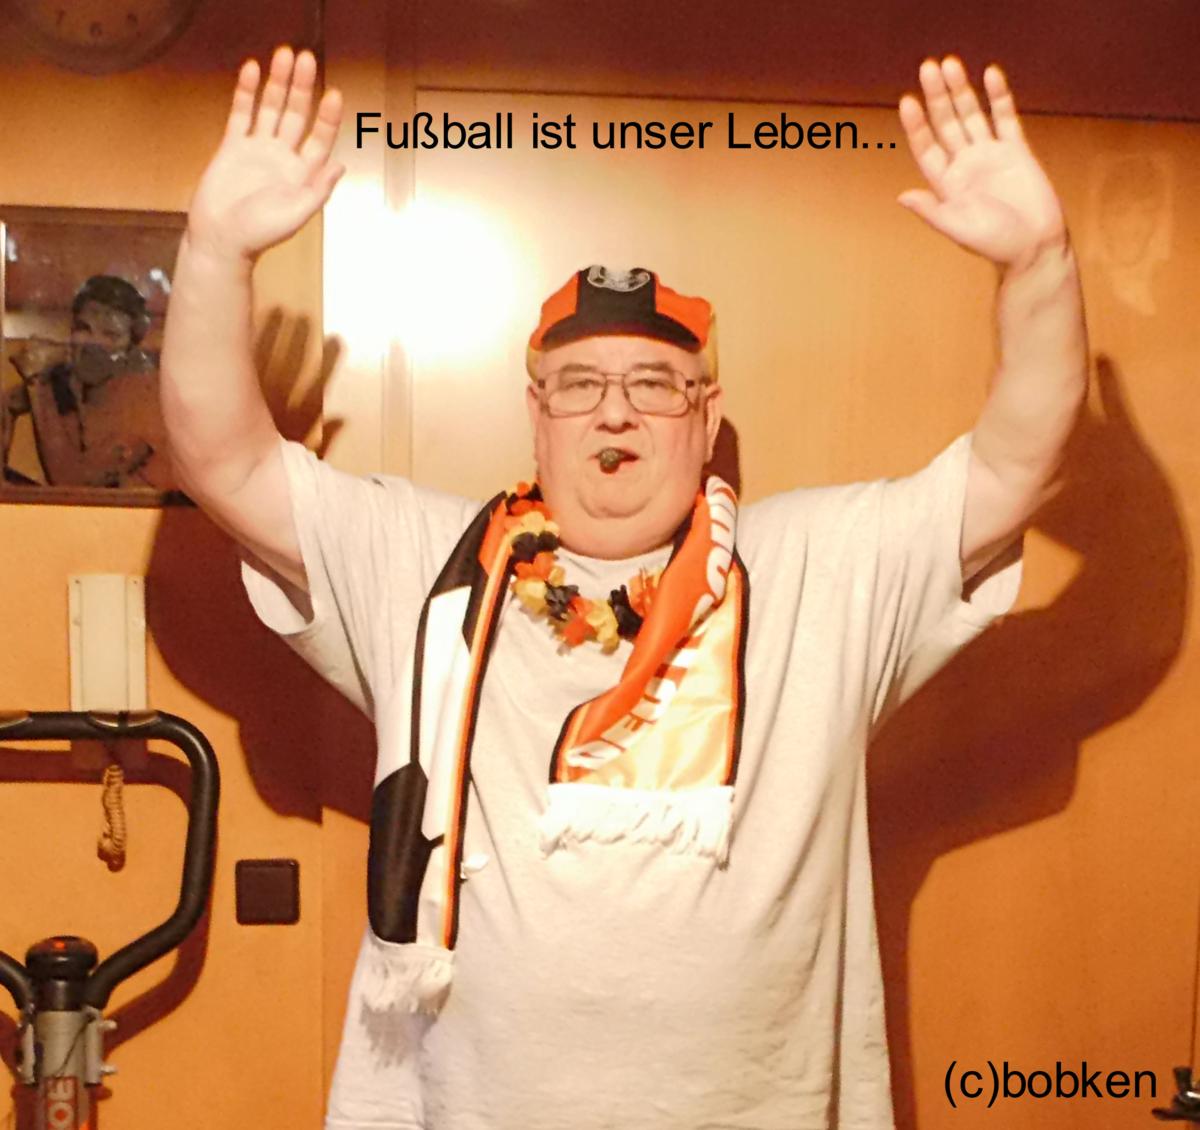 Tippspiel 6spieltag 1 Fußball Bundesliga 28 Bis 30092018